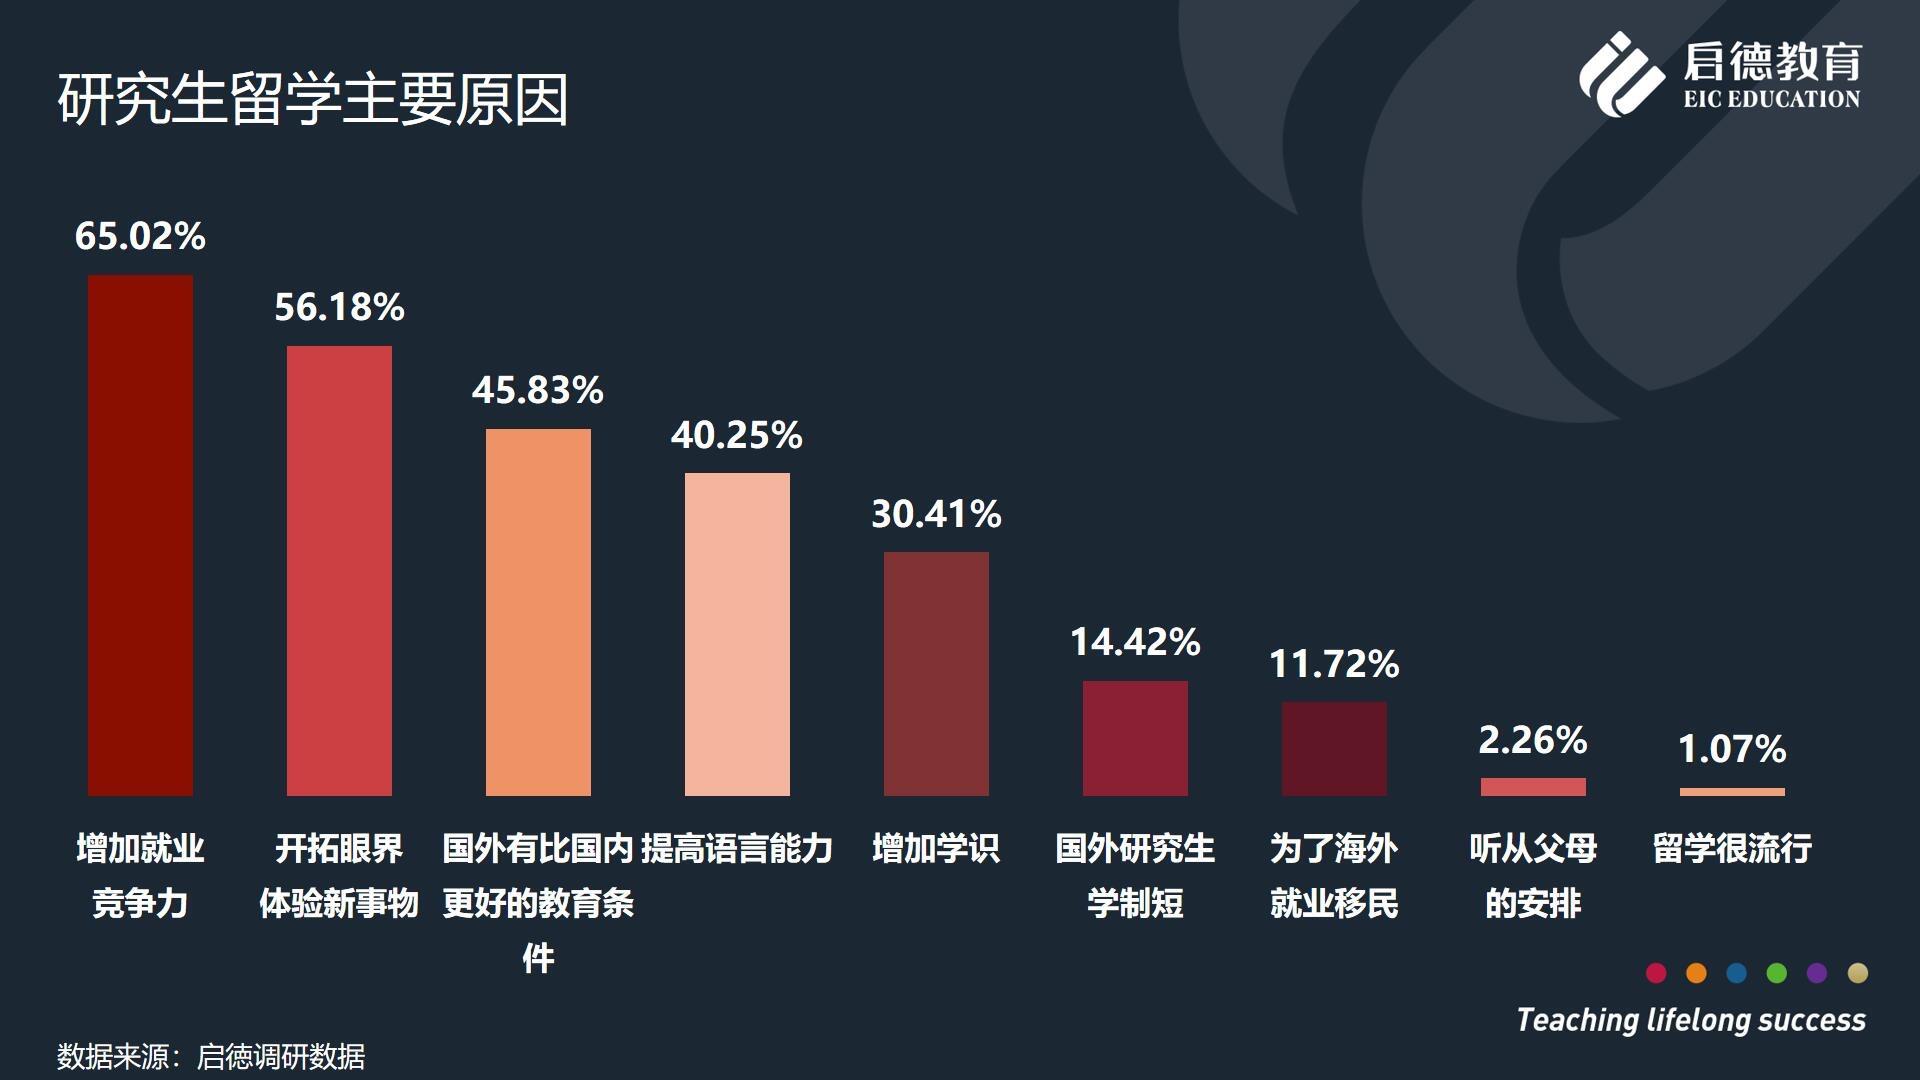 中国学生研究生留学白皮书:英美澳最受研究生青睐 就业为主要留学目的